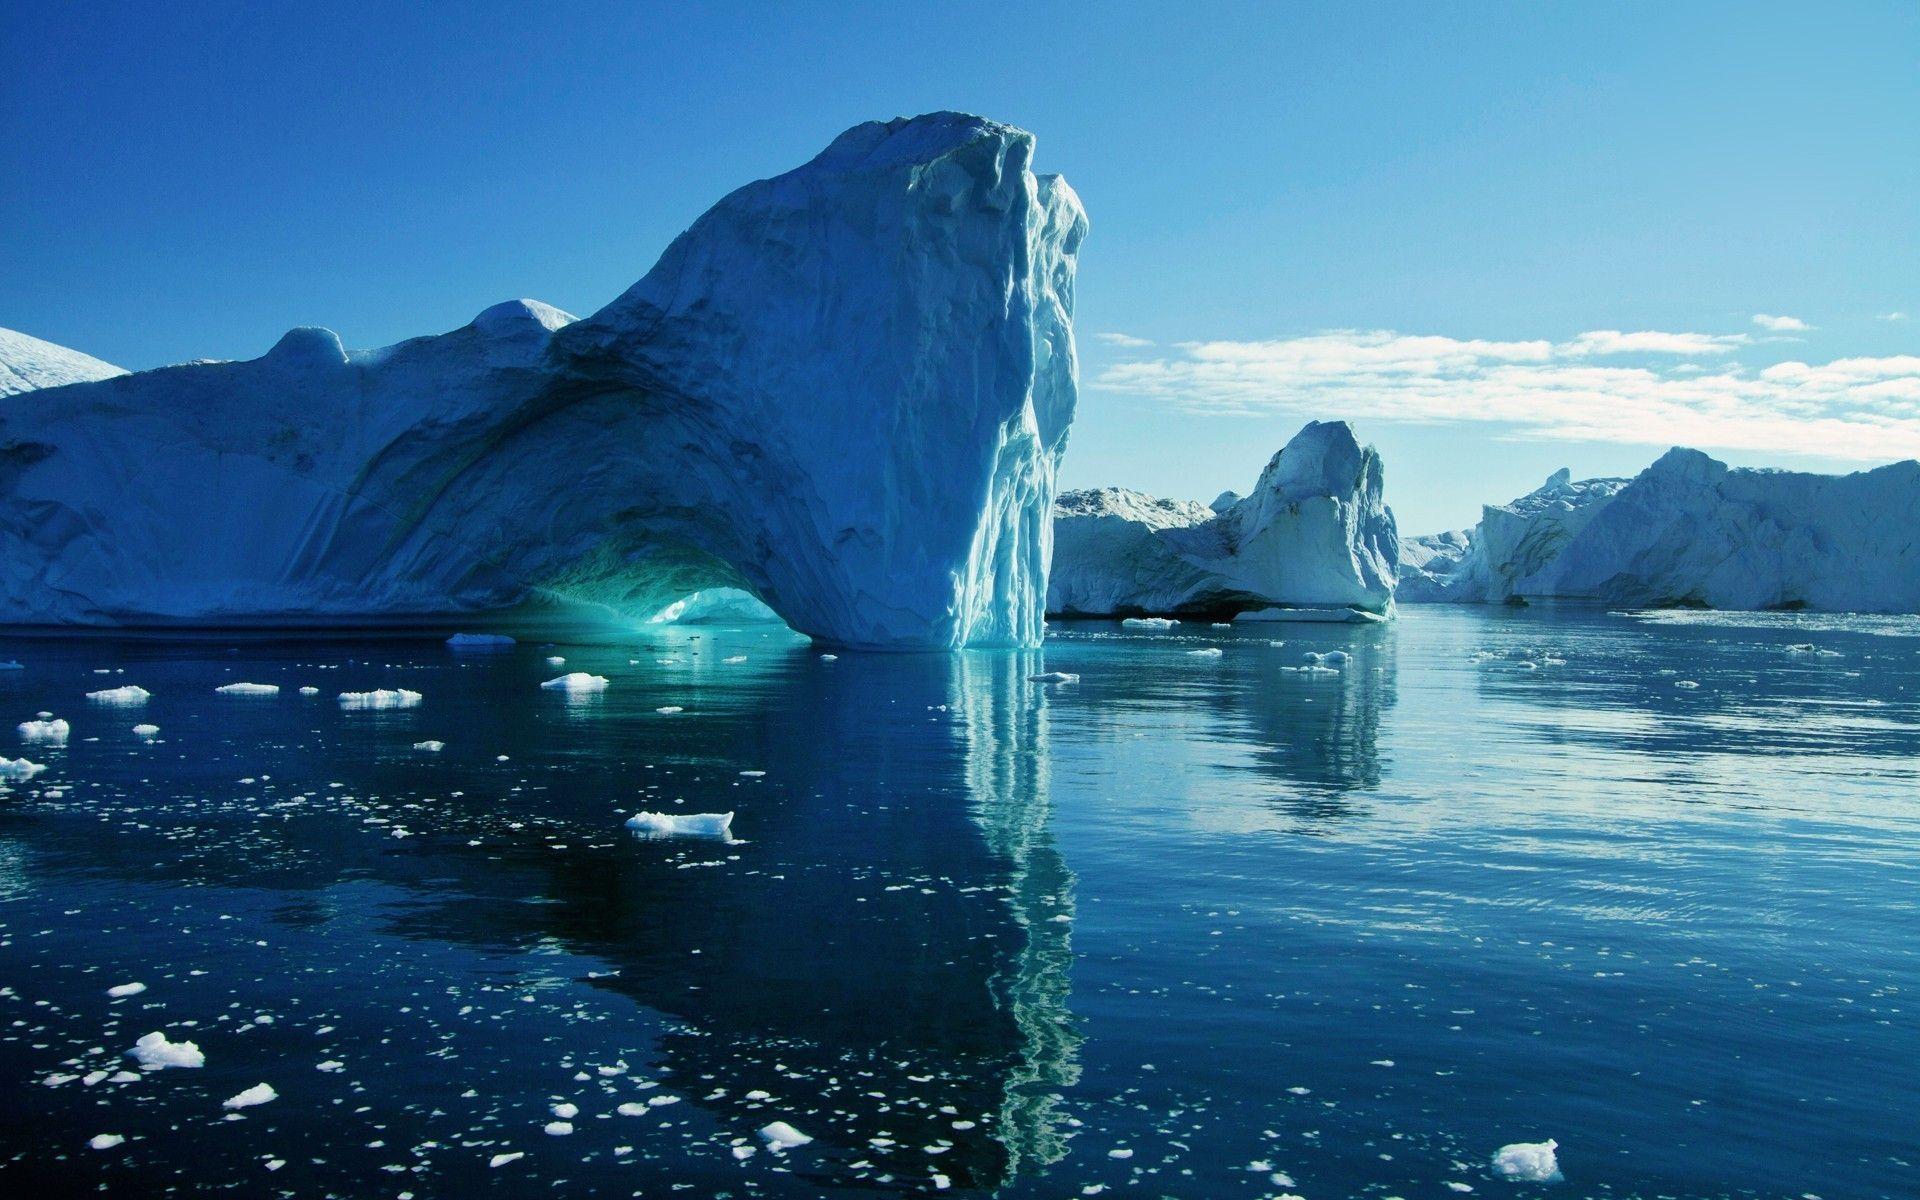 Antarctica Wallpapers | WallpapersIn4k.net